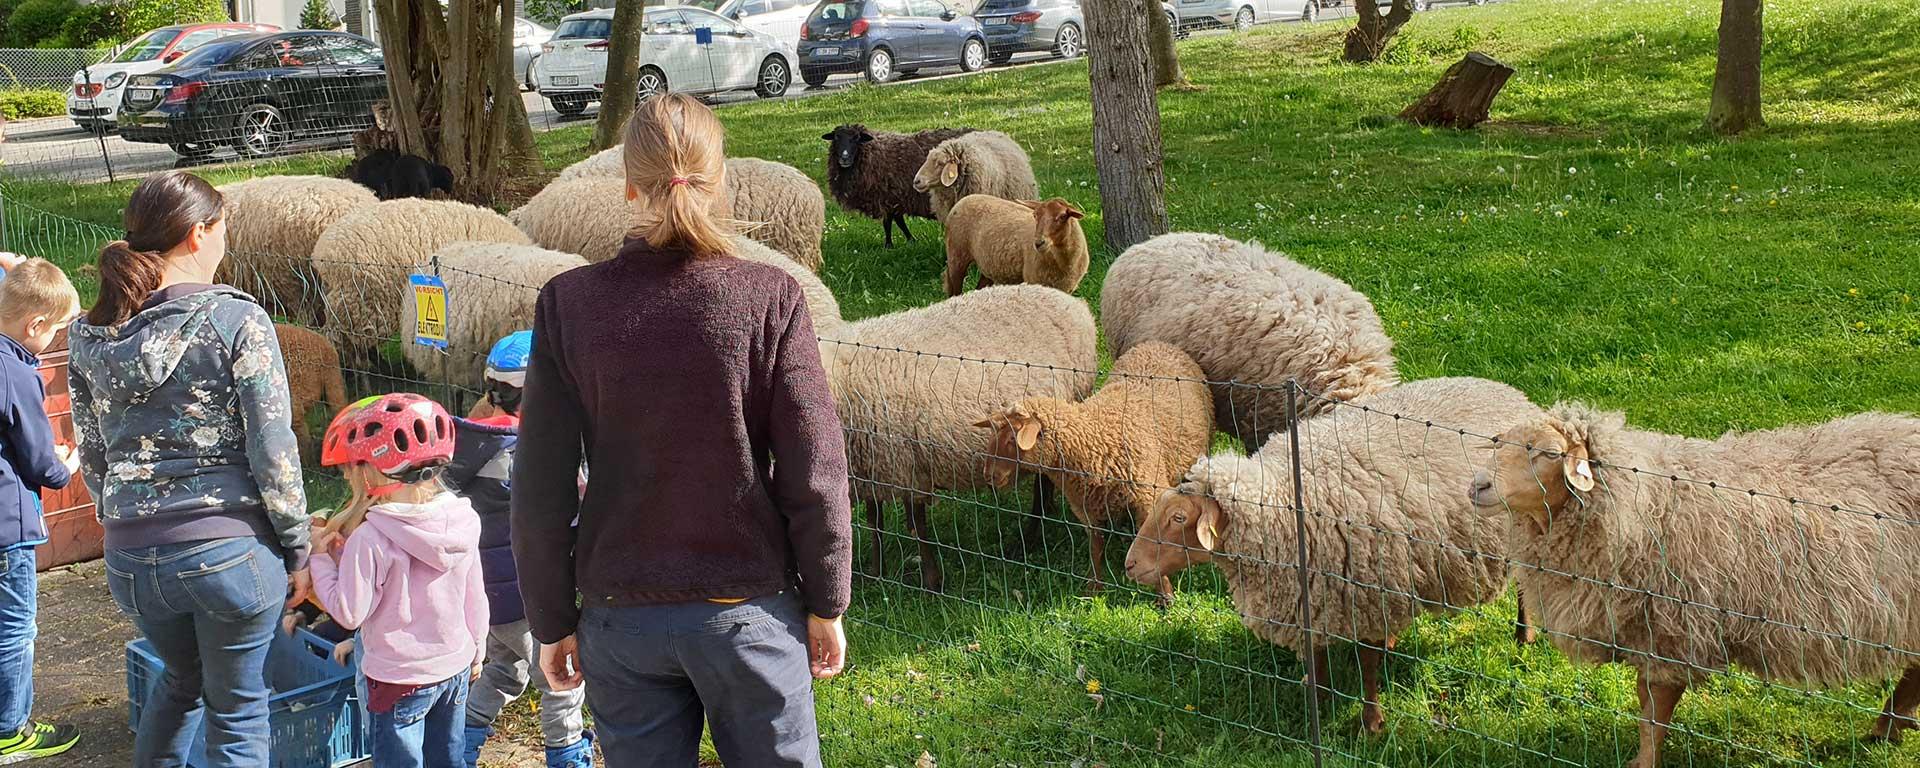 Schafe in Lauchhau-Lauchäcker - von Treffpunkt-Leben-Lauchhau-Lauchäcker